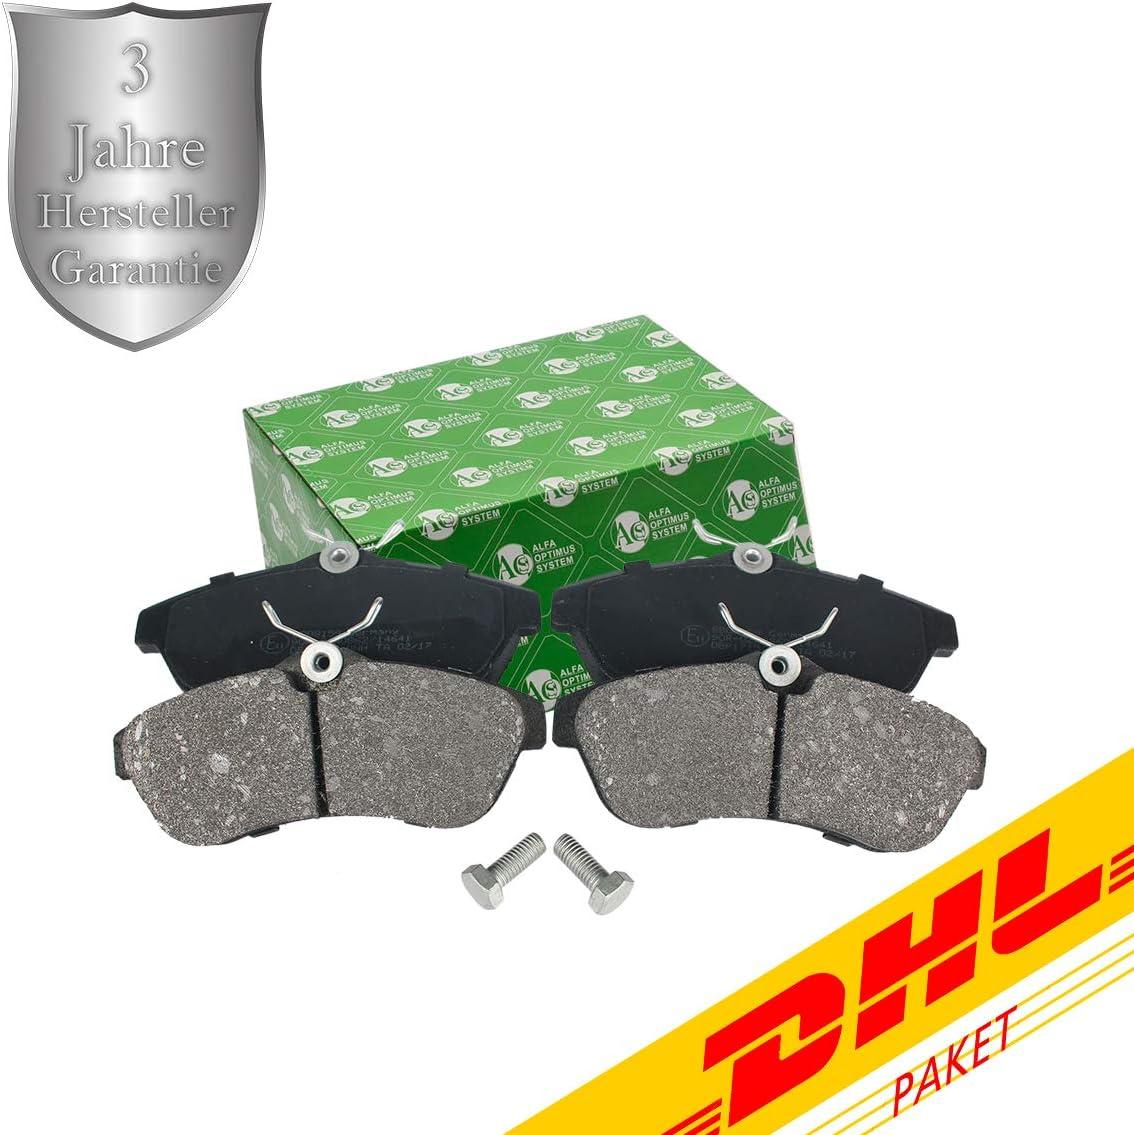 C3 Pluriel BB08159 C3 I C3 II Jeu de plaquettes de frein /à disque pour essieu avant C2